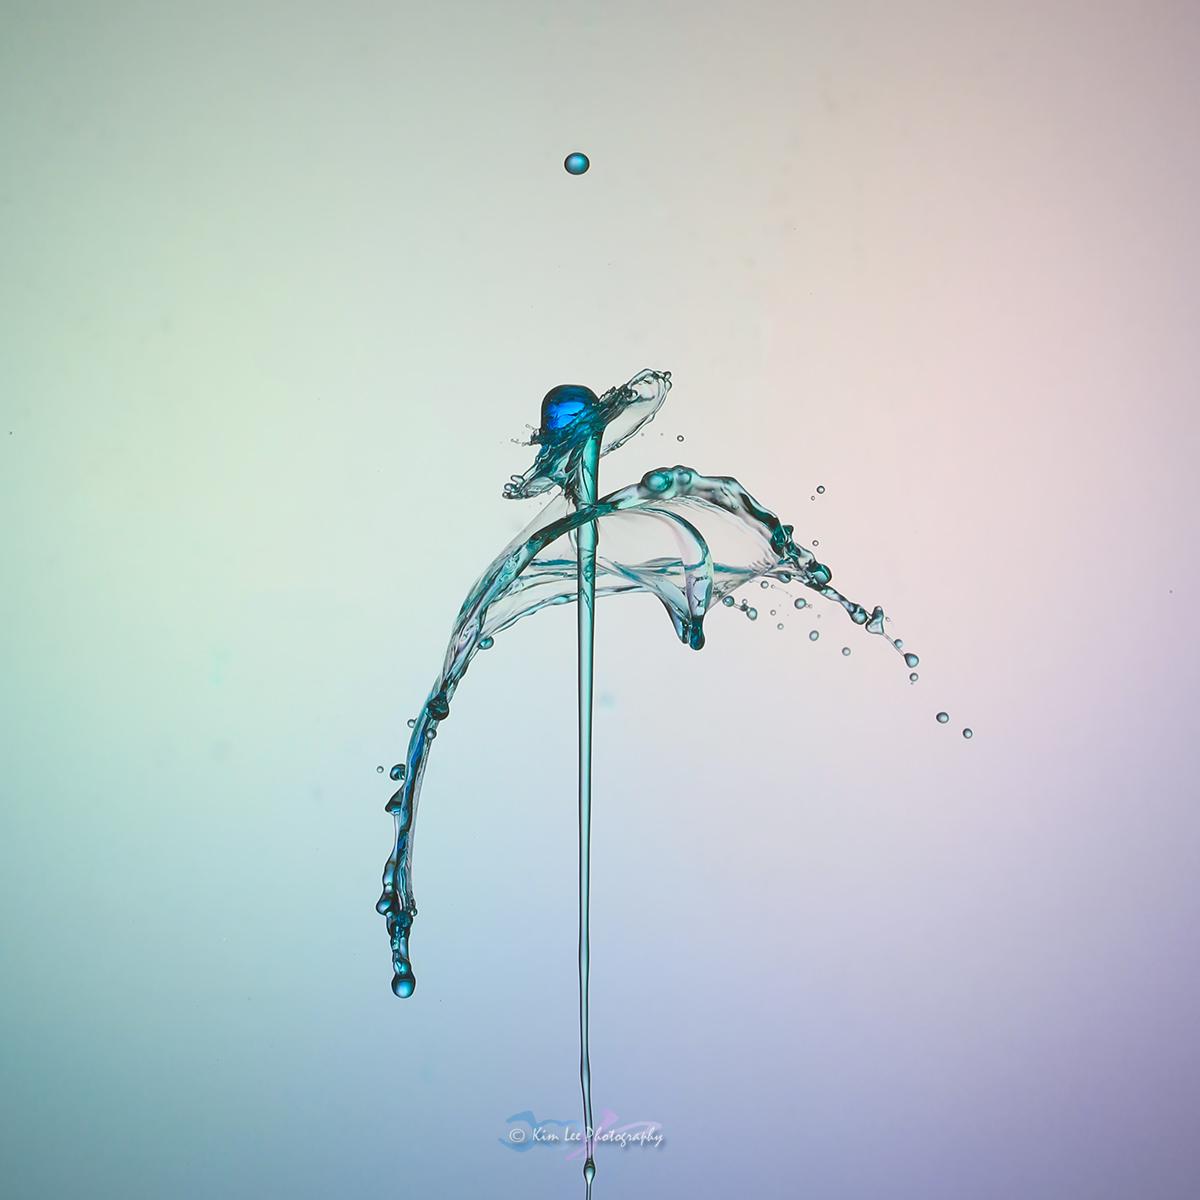 水滴魅力_图1-17